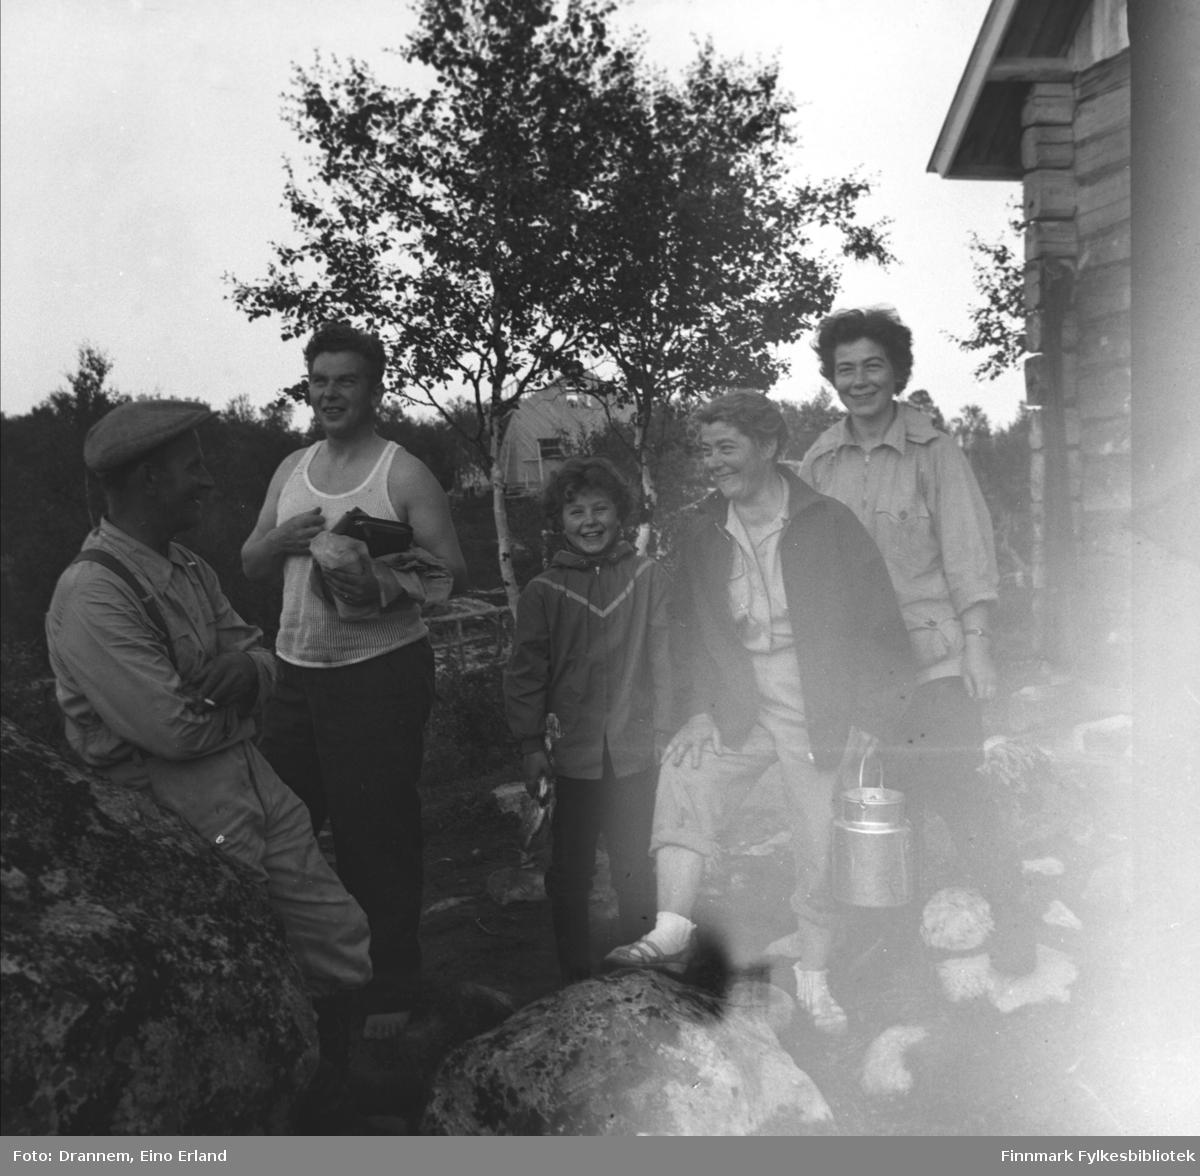 Uuno Lappalainen, Kasper Gabrielsen (broren til Sonja og Jenny), Turid Lillian, Sonja Lappalainen og Jenny Drannem ved hytta i Luolajärvi